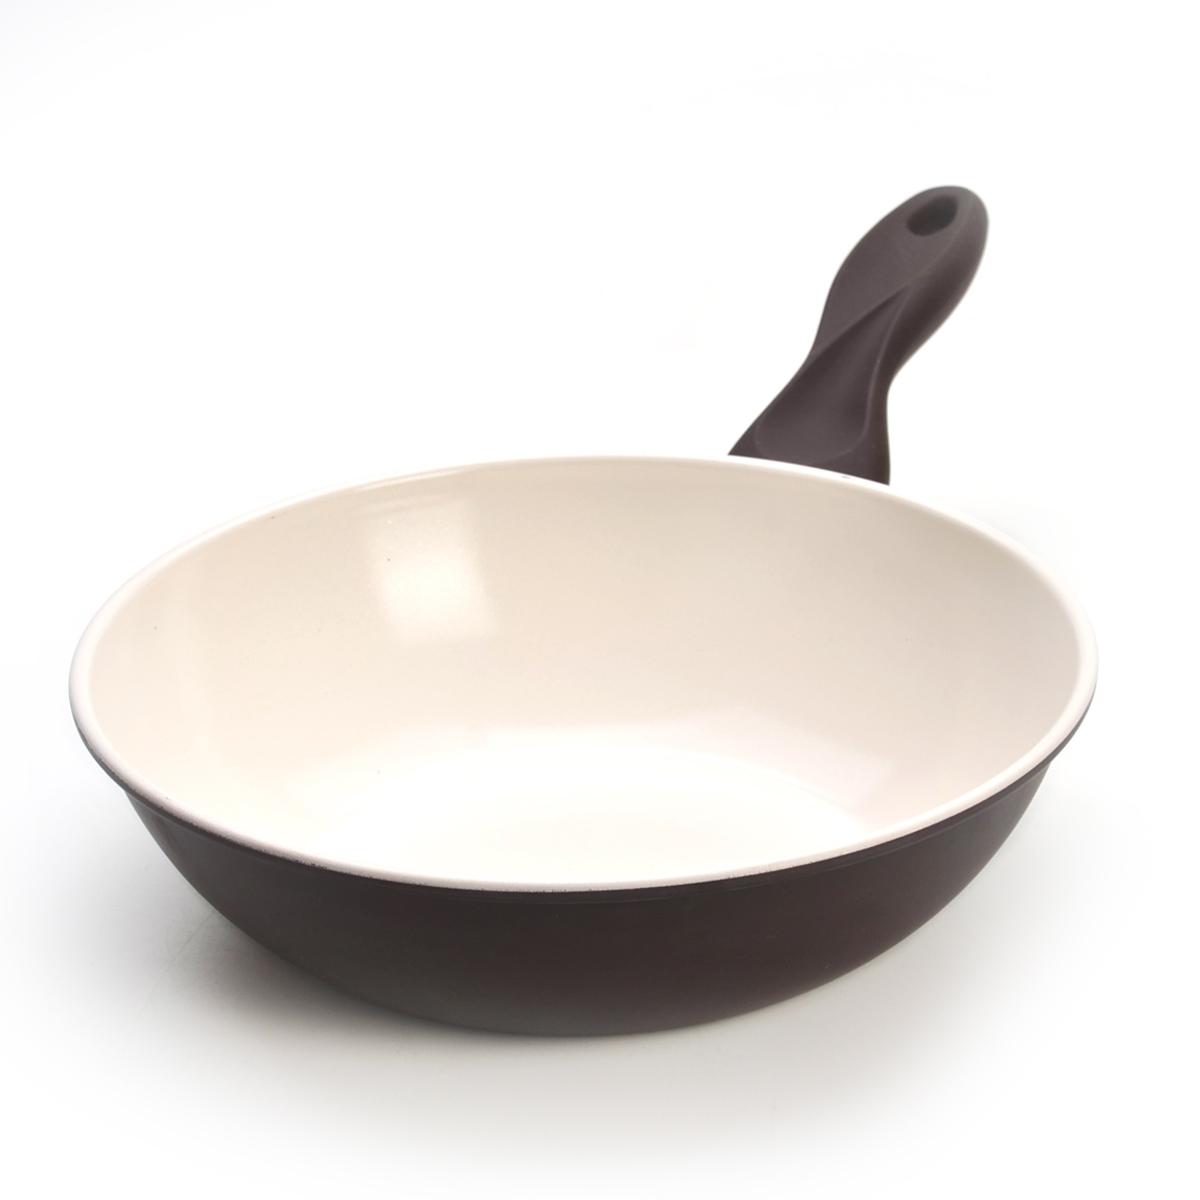 Сковорода-вок Mayer & Boch, с керамическим покрытием, цвет: коричневый. Диаметр 24 см22233Сковорода Вок Mayer & Boch изготовлена из углеродистой стали с высококачественным керамическим покрытием. Керамика не содержит вредных примесей ПФОК, что способствует здоровому и экологичному приготовлению пищи. Кроме того, с таким покрытием пища не пригорает и не прилипает к стенкам, поэтому можно готовить с минимальным добавлением масла и жиров. Гладкая, идеально ровная поверхность сковороды легко чистится, ее можно мыть в воде руками или вытирать полотенцем. Эргономичная ручка специального дизайна выполнена из силикона. Сковорода подходит для использования на газовых и электрических плитах. Также изделие можно мыть в посудомоечной машине.